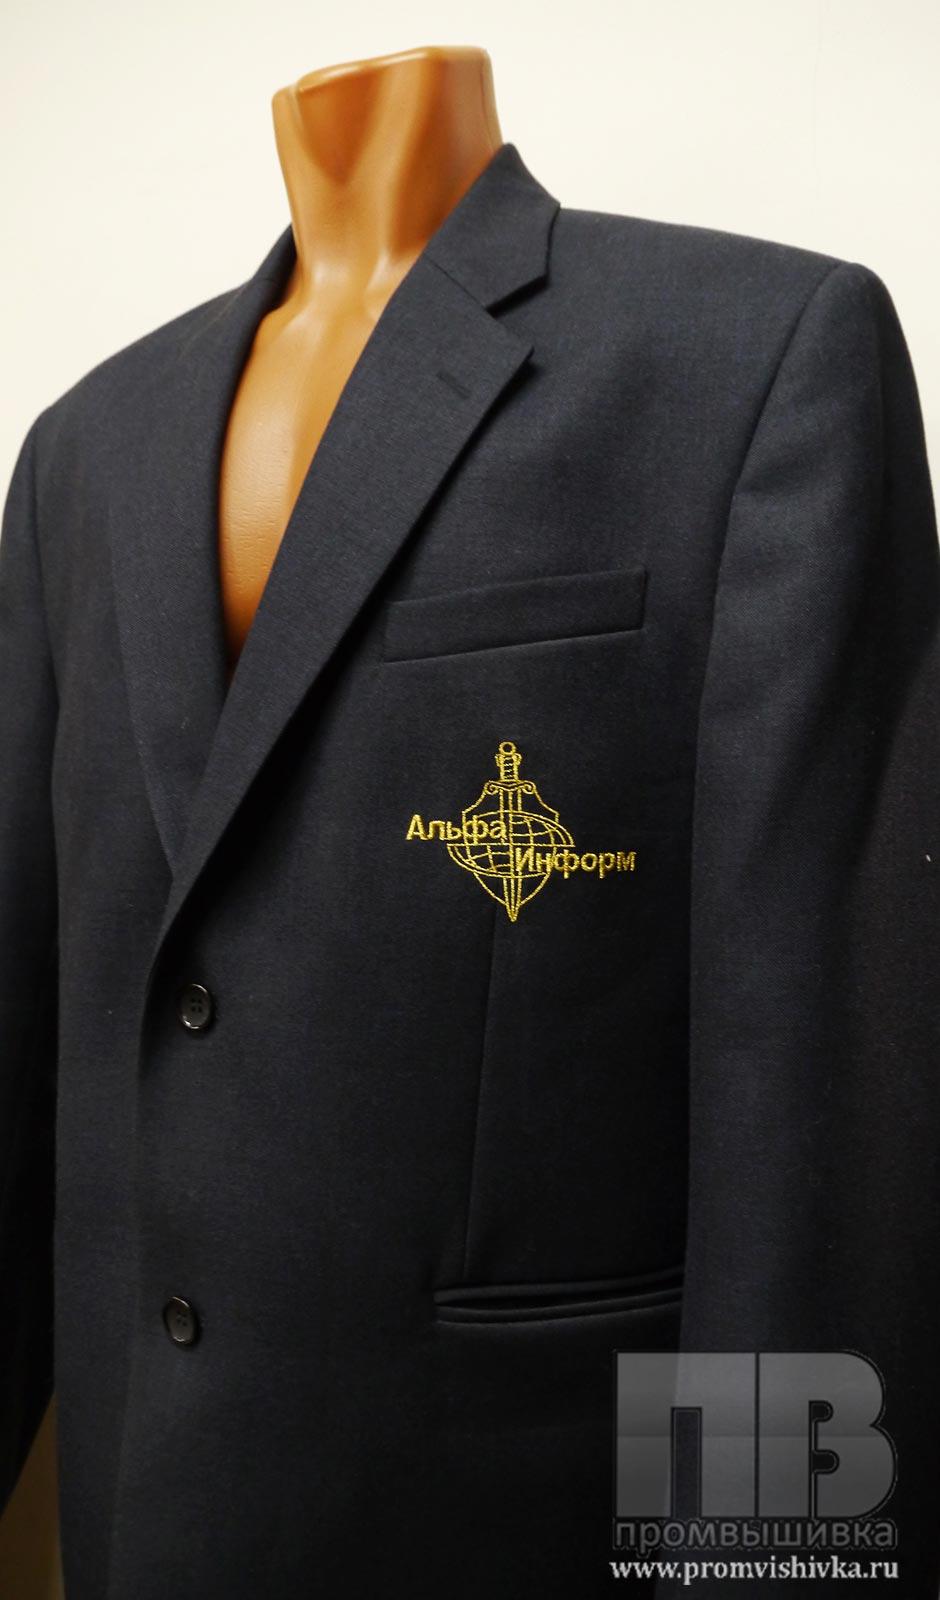 Мужская вышивка от профессионалов - Промвышивка 65